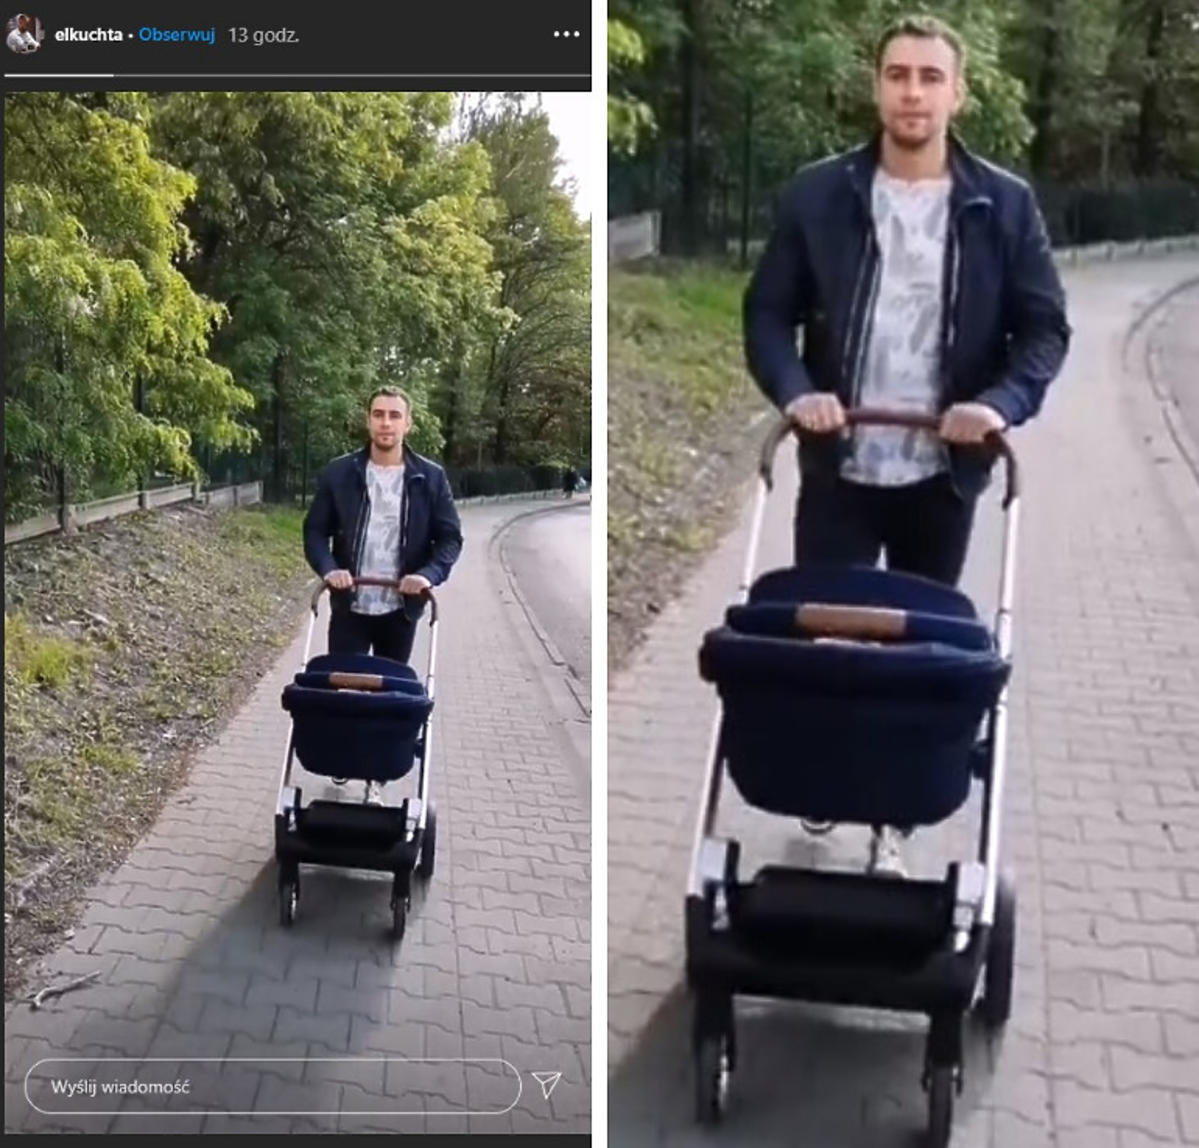 Łukasz Kuchta Ślub od pierwszego wejrzenia spacer z synem